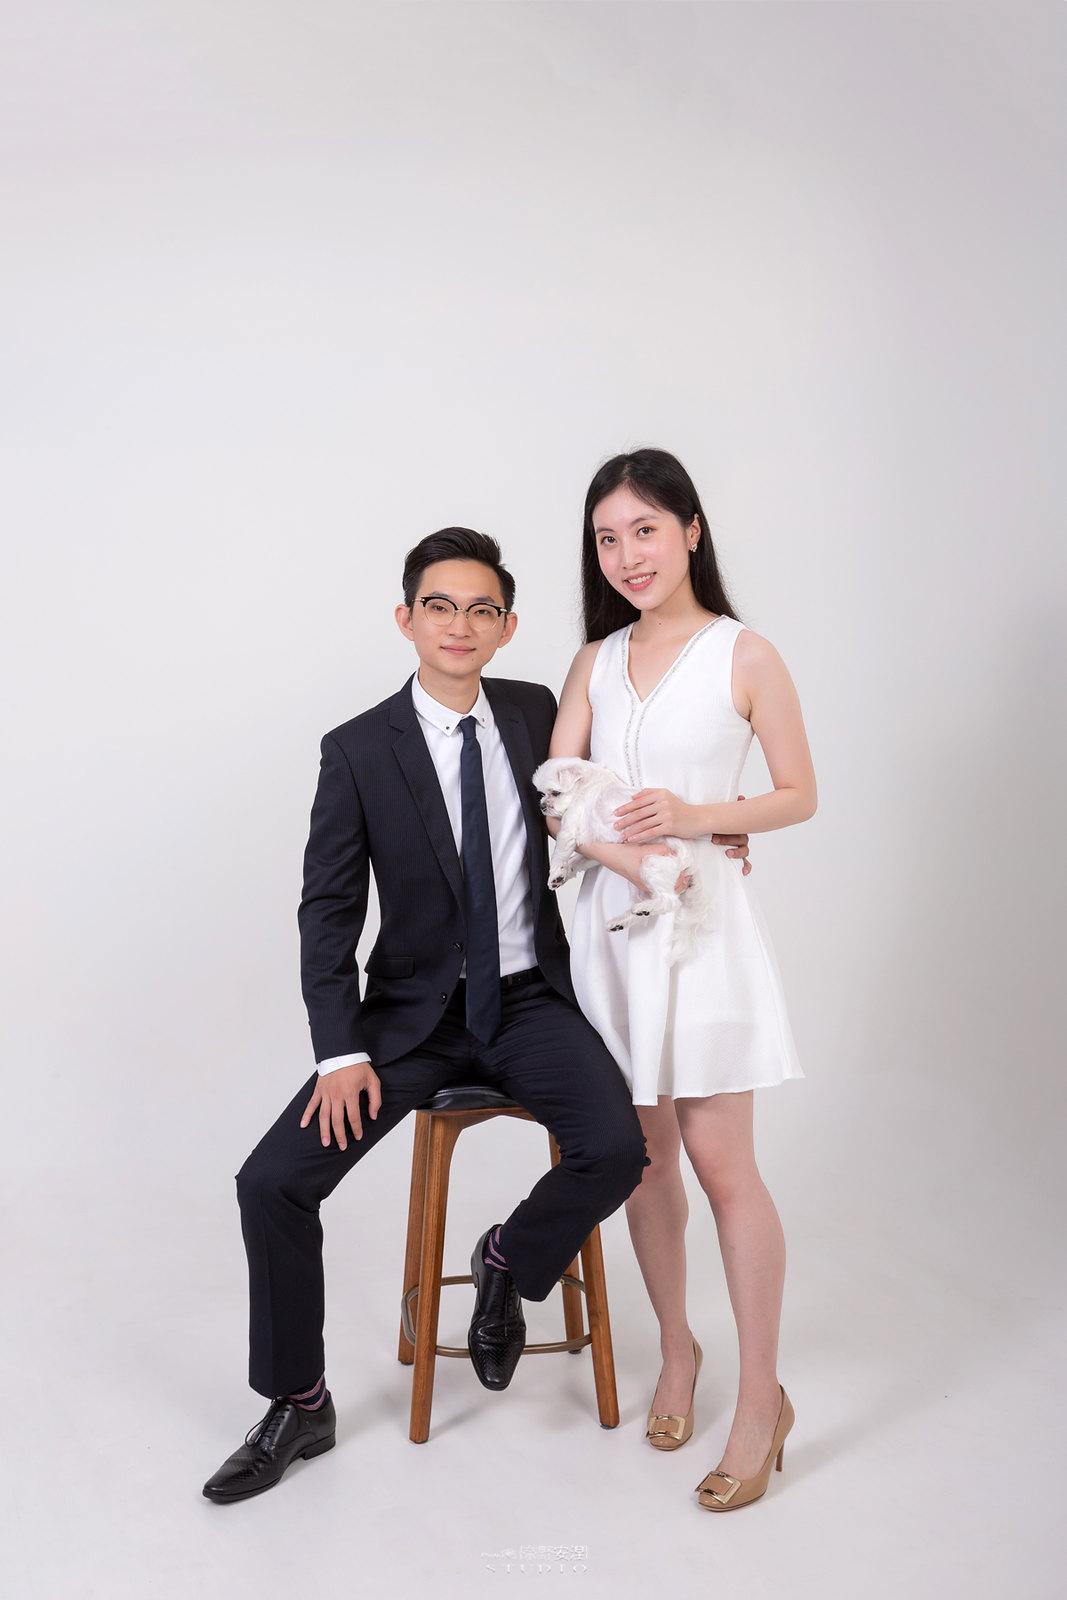 台南全家福 | 拋棄傳統合照的彆扭,忠實呈現家人間最親密的情感12